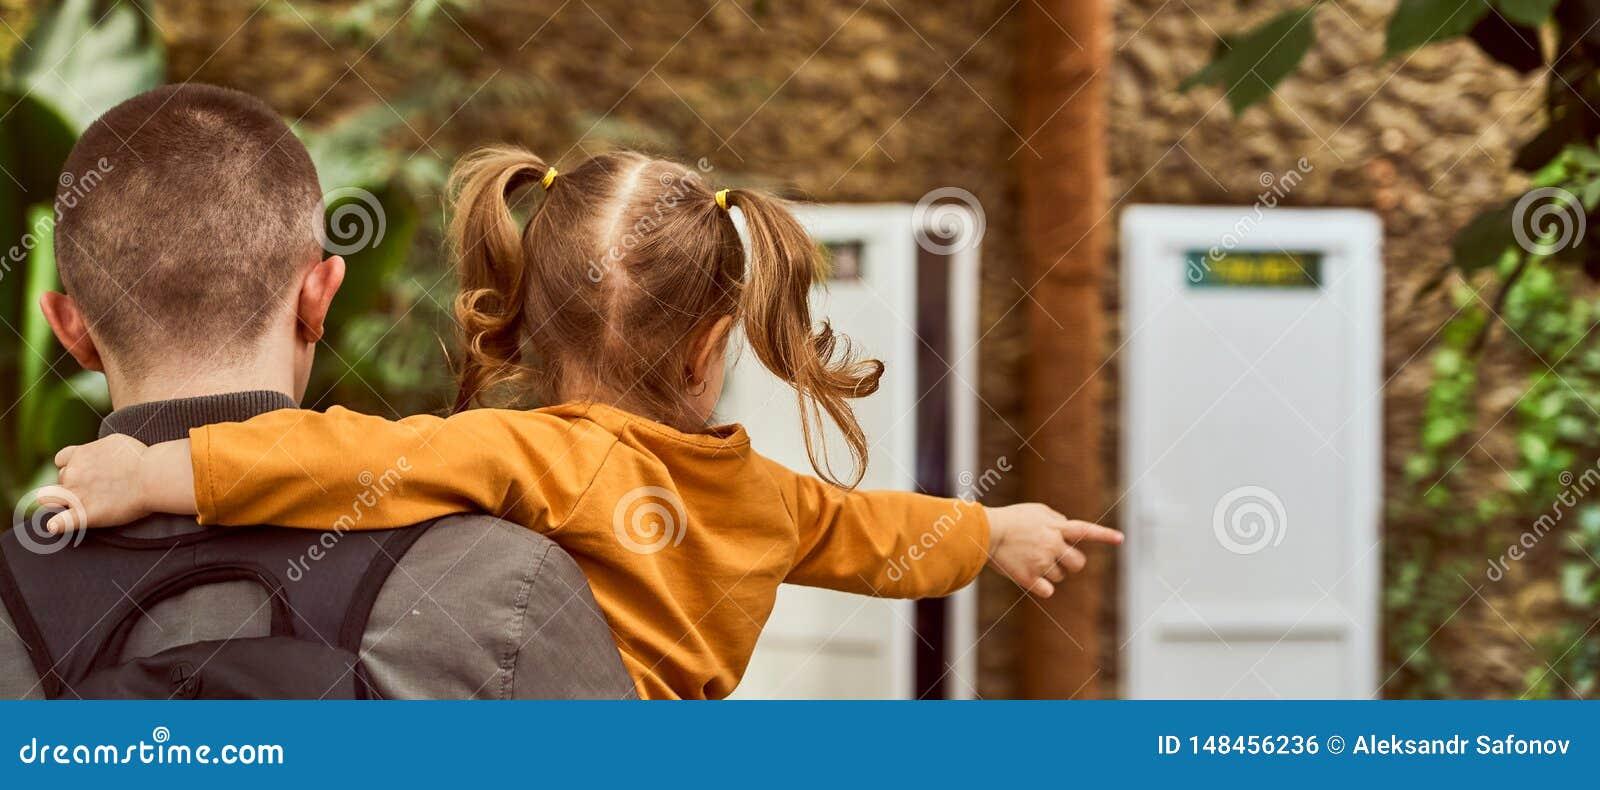 Ein Mann, der ein Kind in seinen Armen, Rückseite im Rahmen hält, gehen